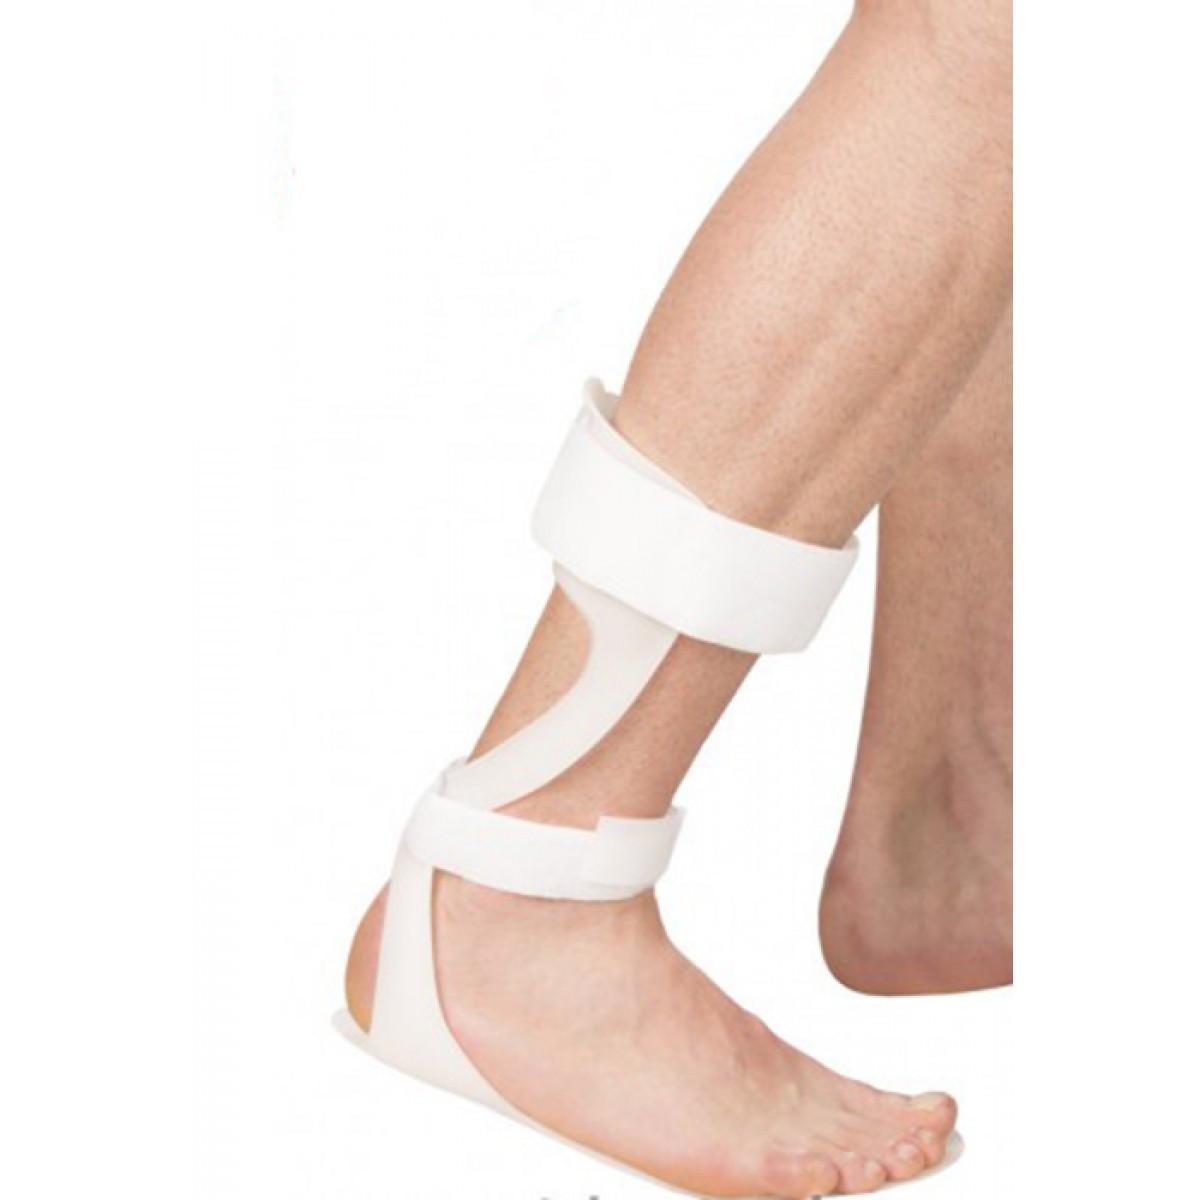 Фиксатор голеностопного сустава для поддержки падающей стопы